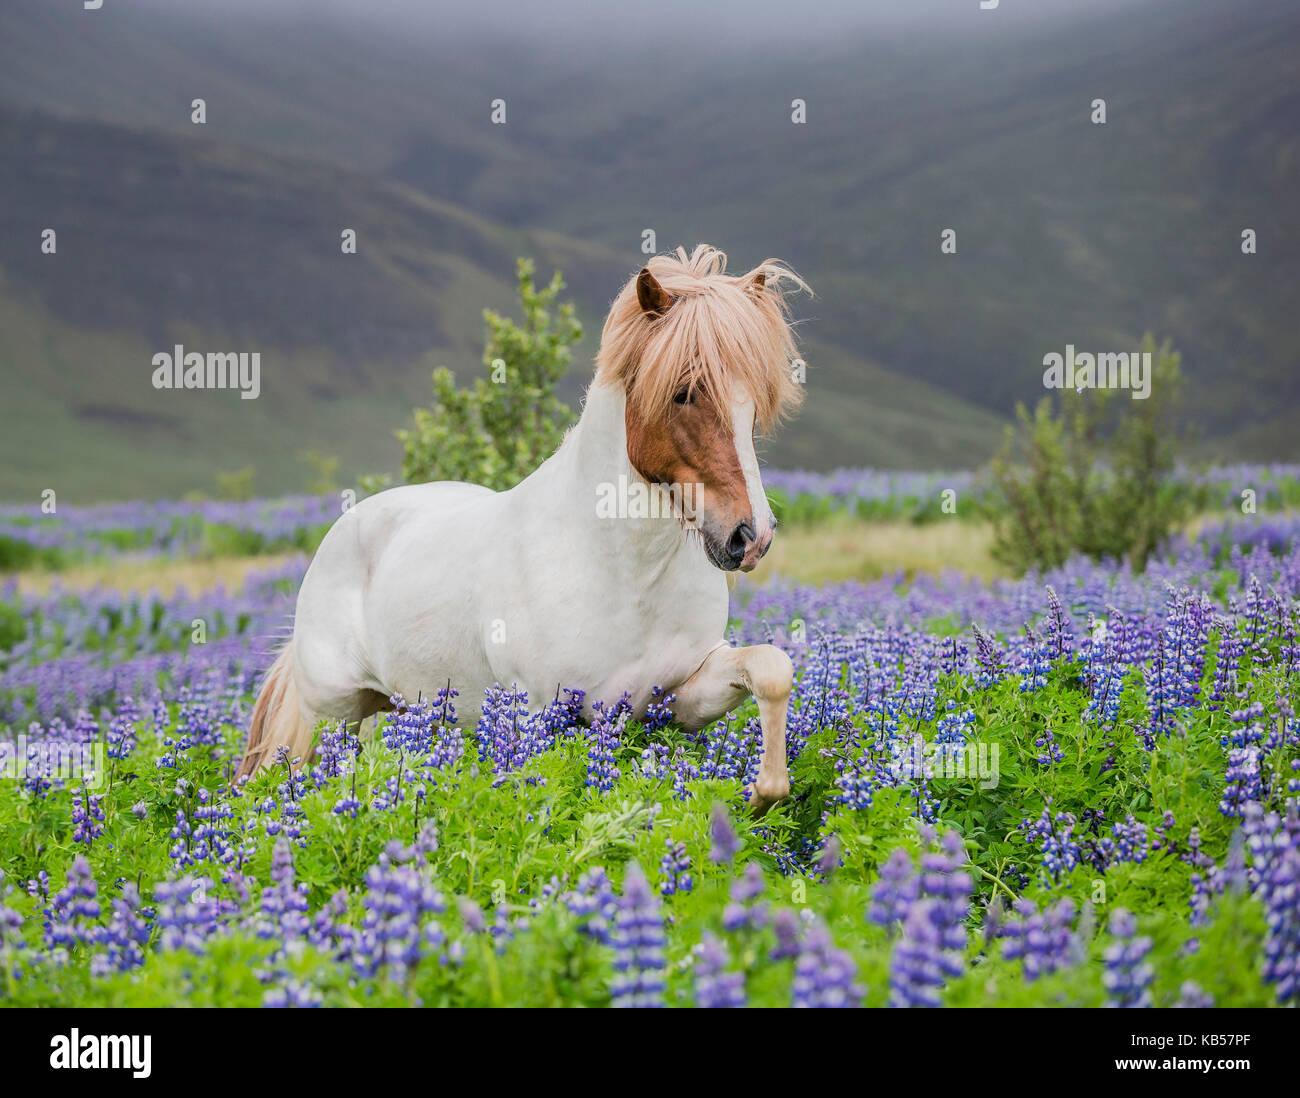 Cavallo islandese in esecuzione in campi di lupino, razza di cavalli islandesi in estate con la fioritura di lupini, Immagini Stock